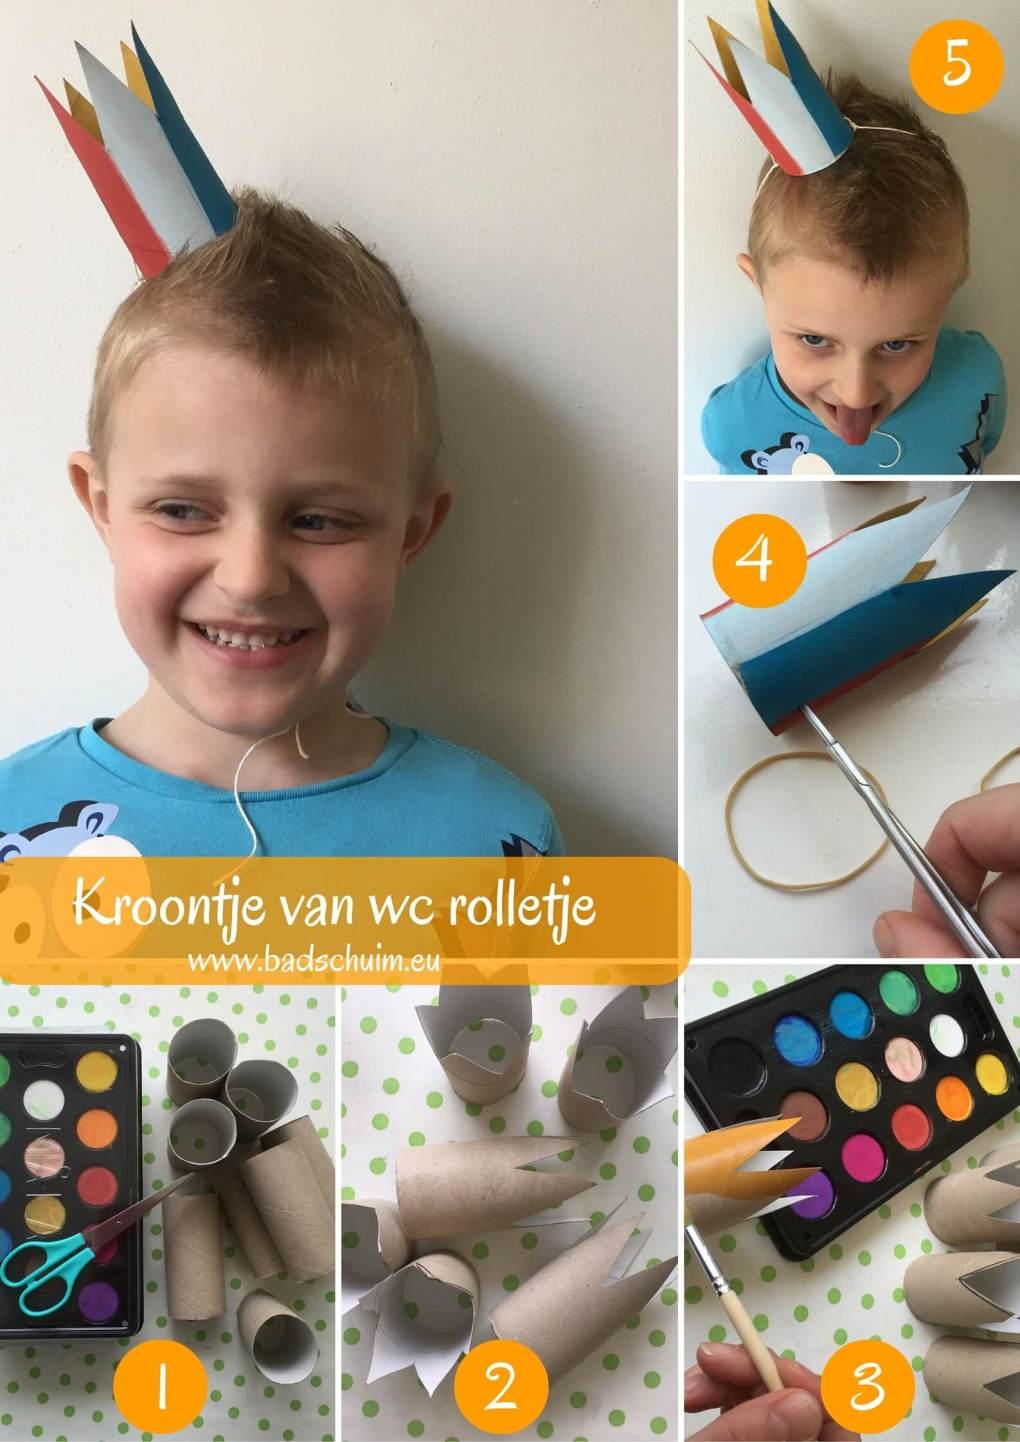 Maak een kroontje van een wc rol met dit foto stappenplan. Ontzettend leuk om samen met je kids te maken. Leuk voor feestjes en koningsdag!